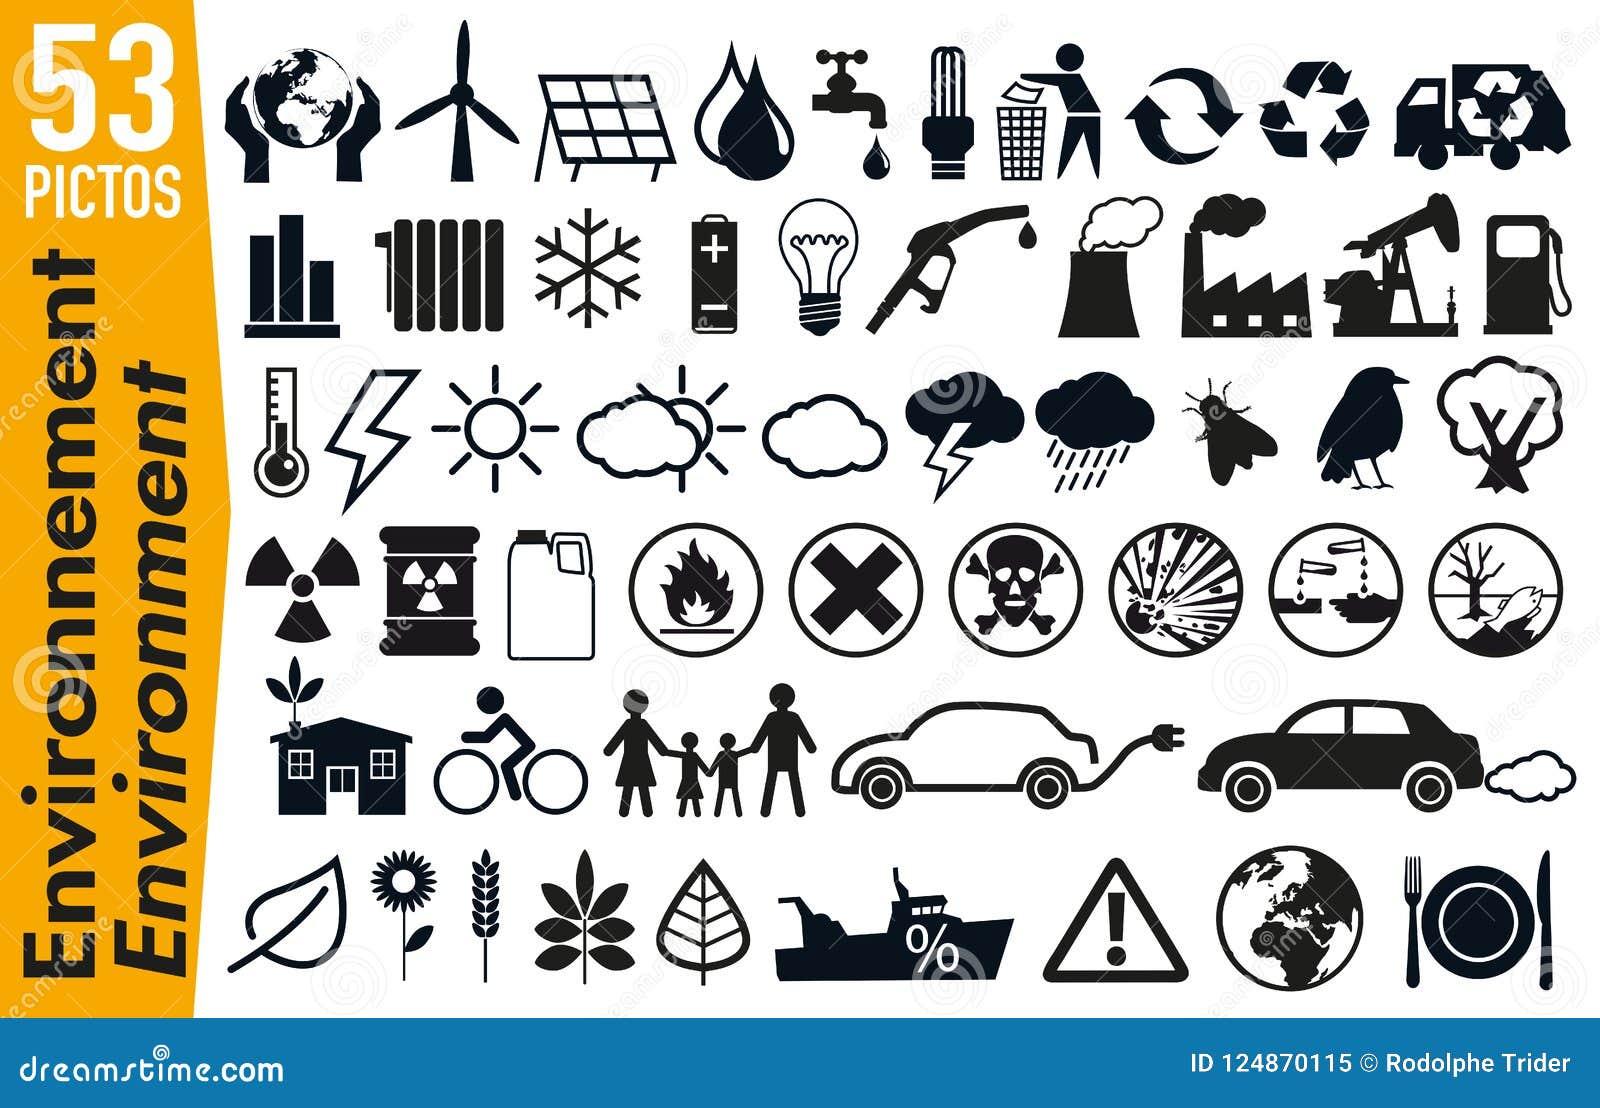 53 Signagepiktogramme auf der Umwelt und der Ökologie